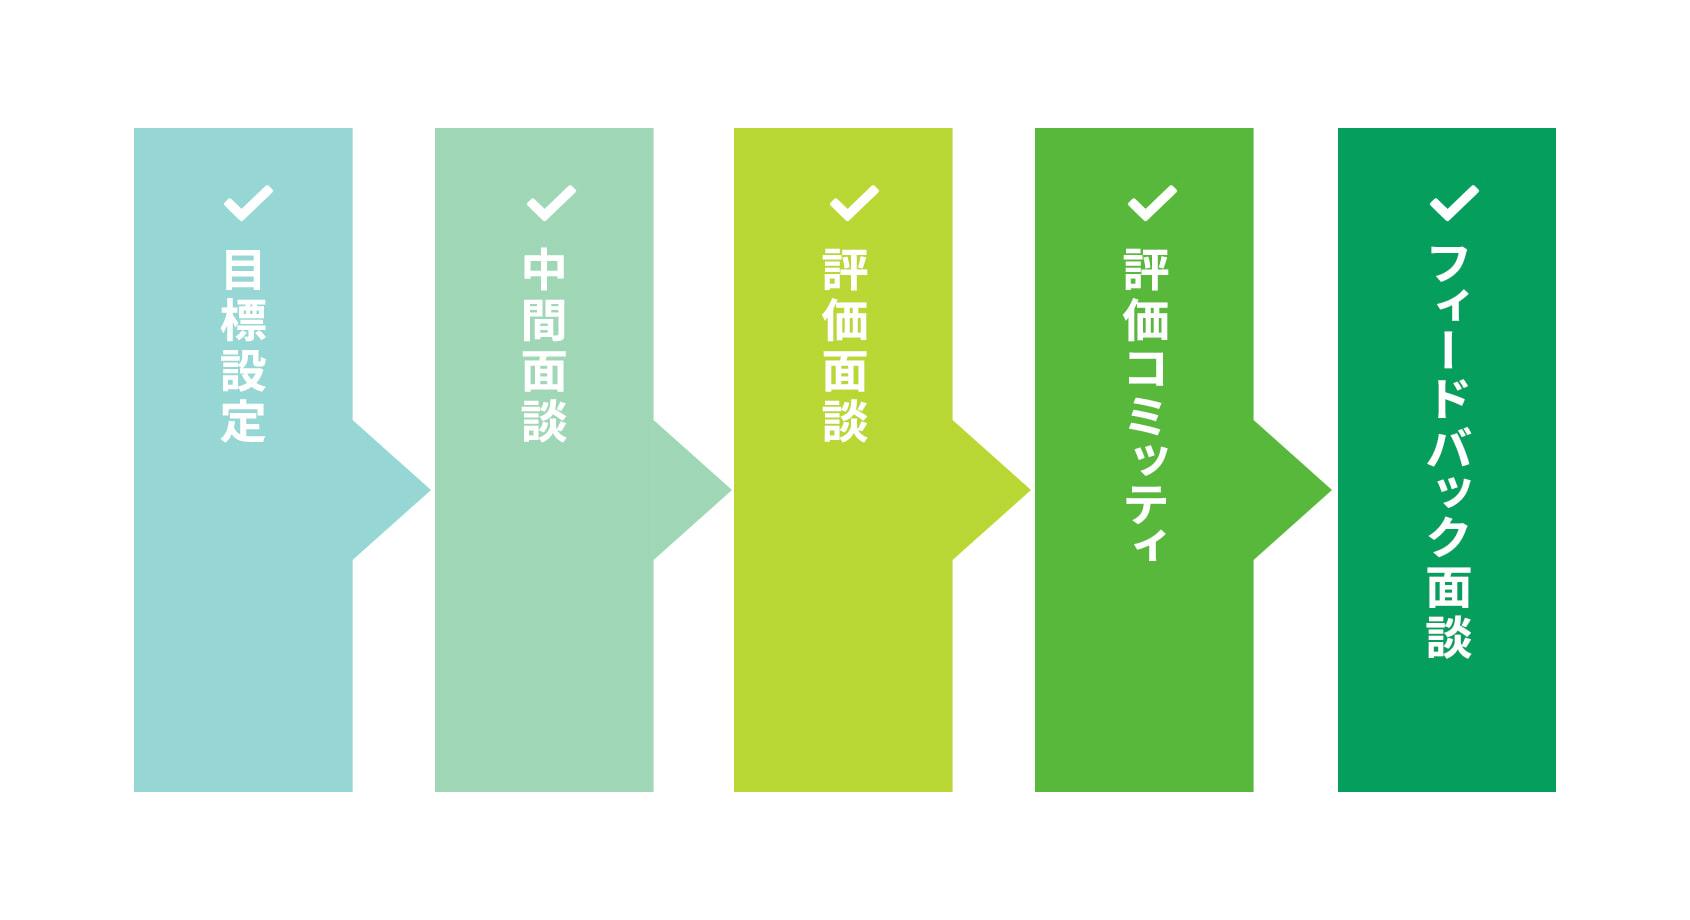 評価サイクル